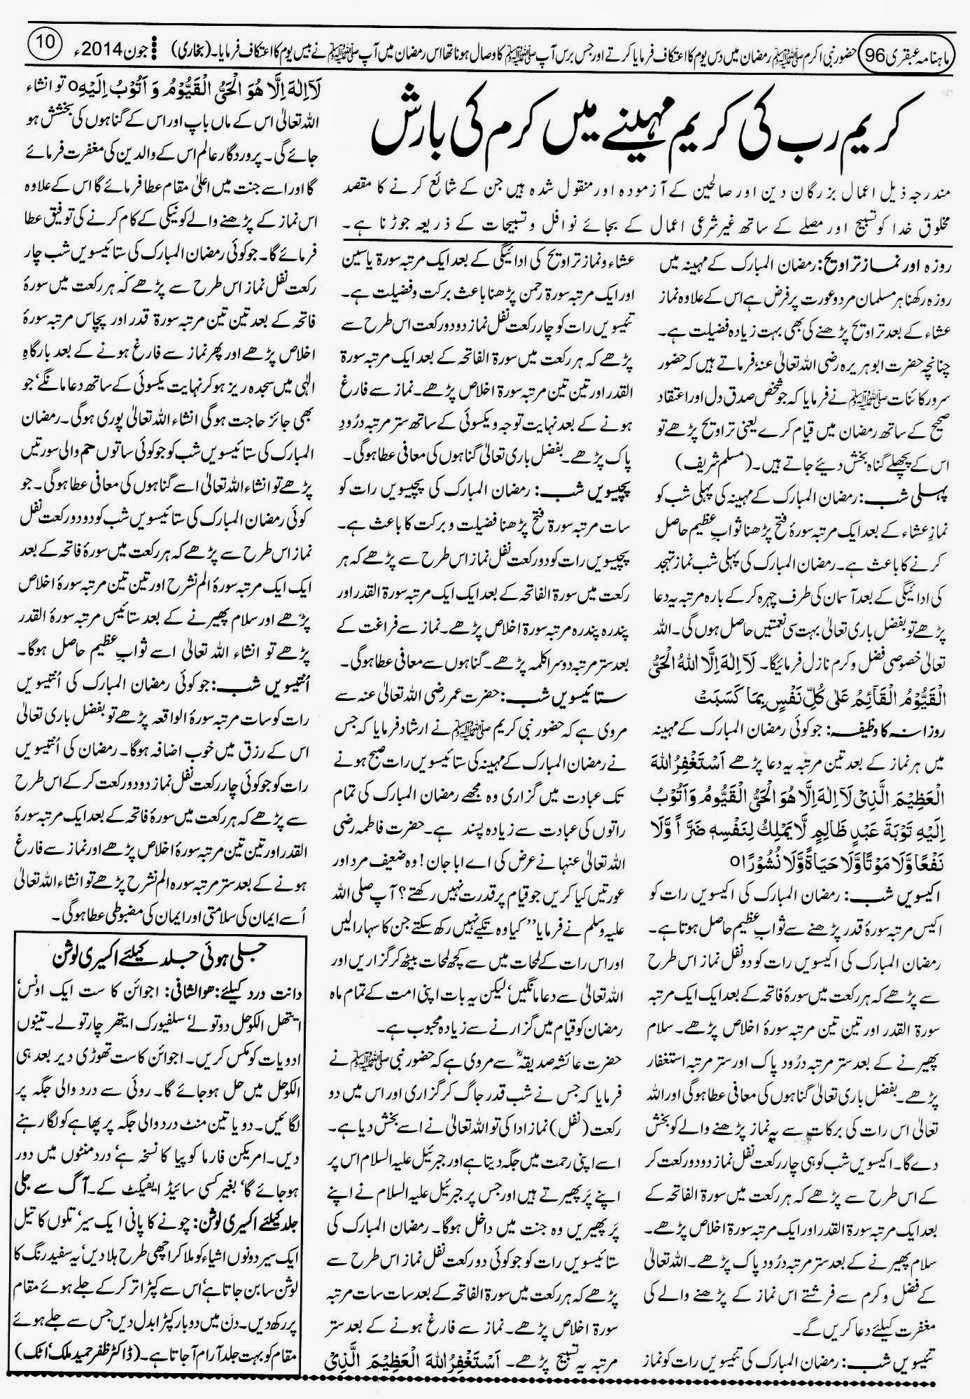 ubqari june 2014 page 10